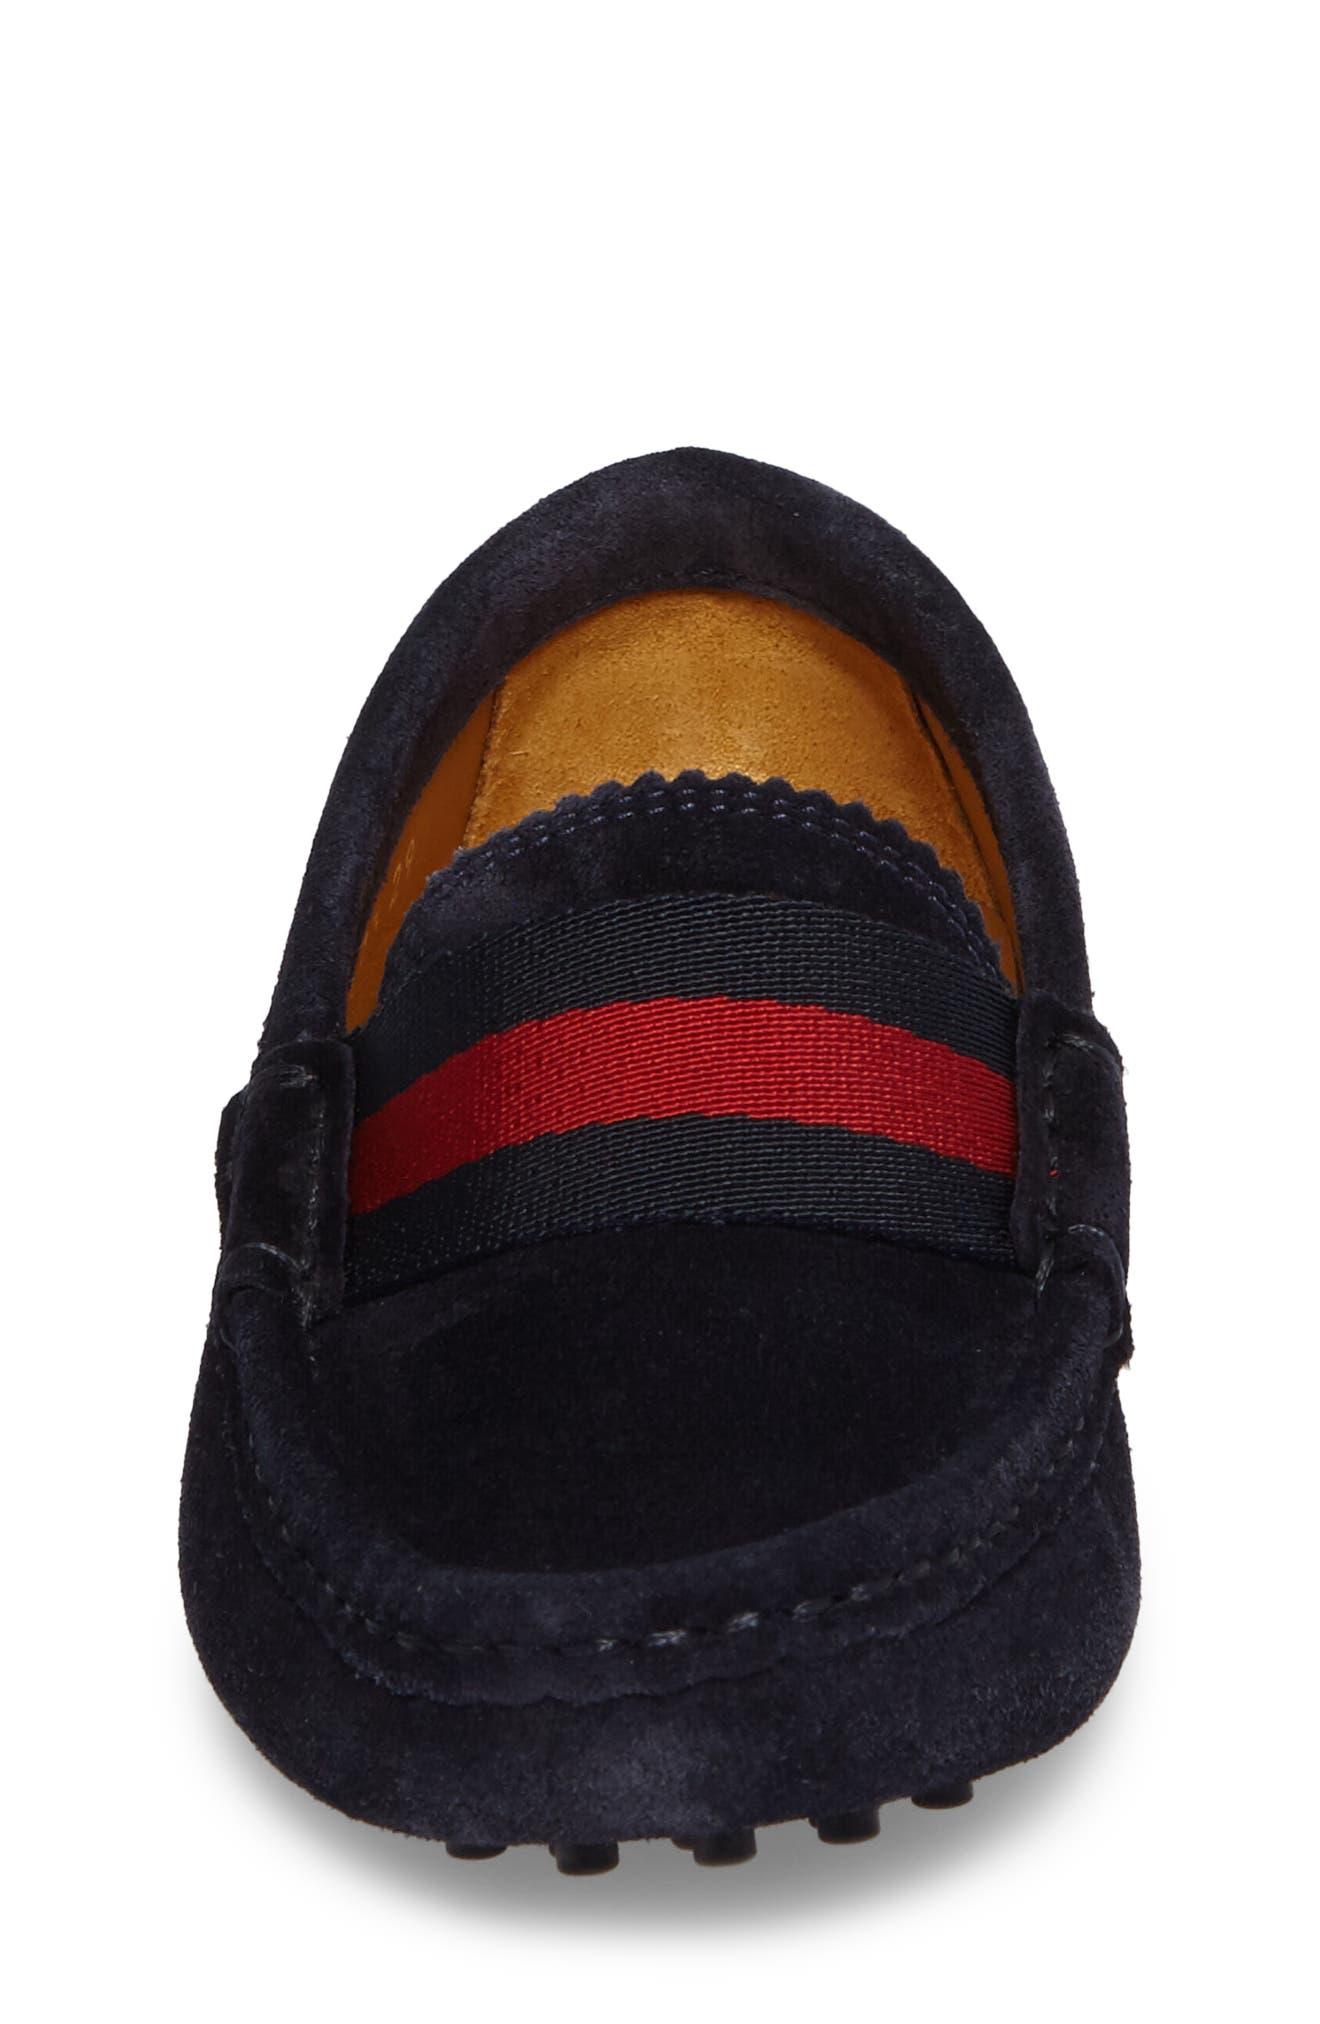 Dandy Junior Driving Shoe,                             Alternate thumbnail 4, color,                             Blue Suede